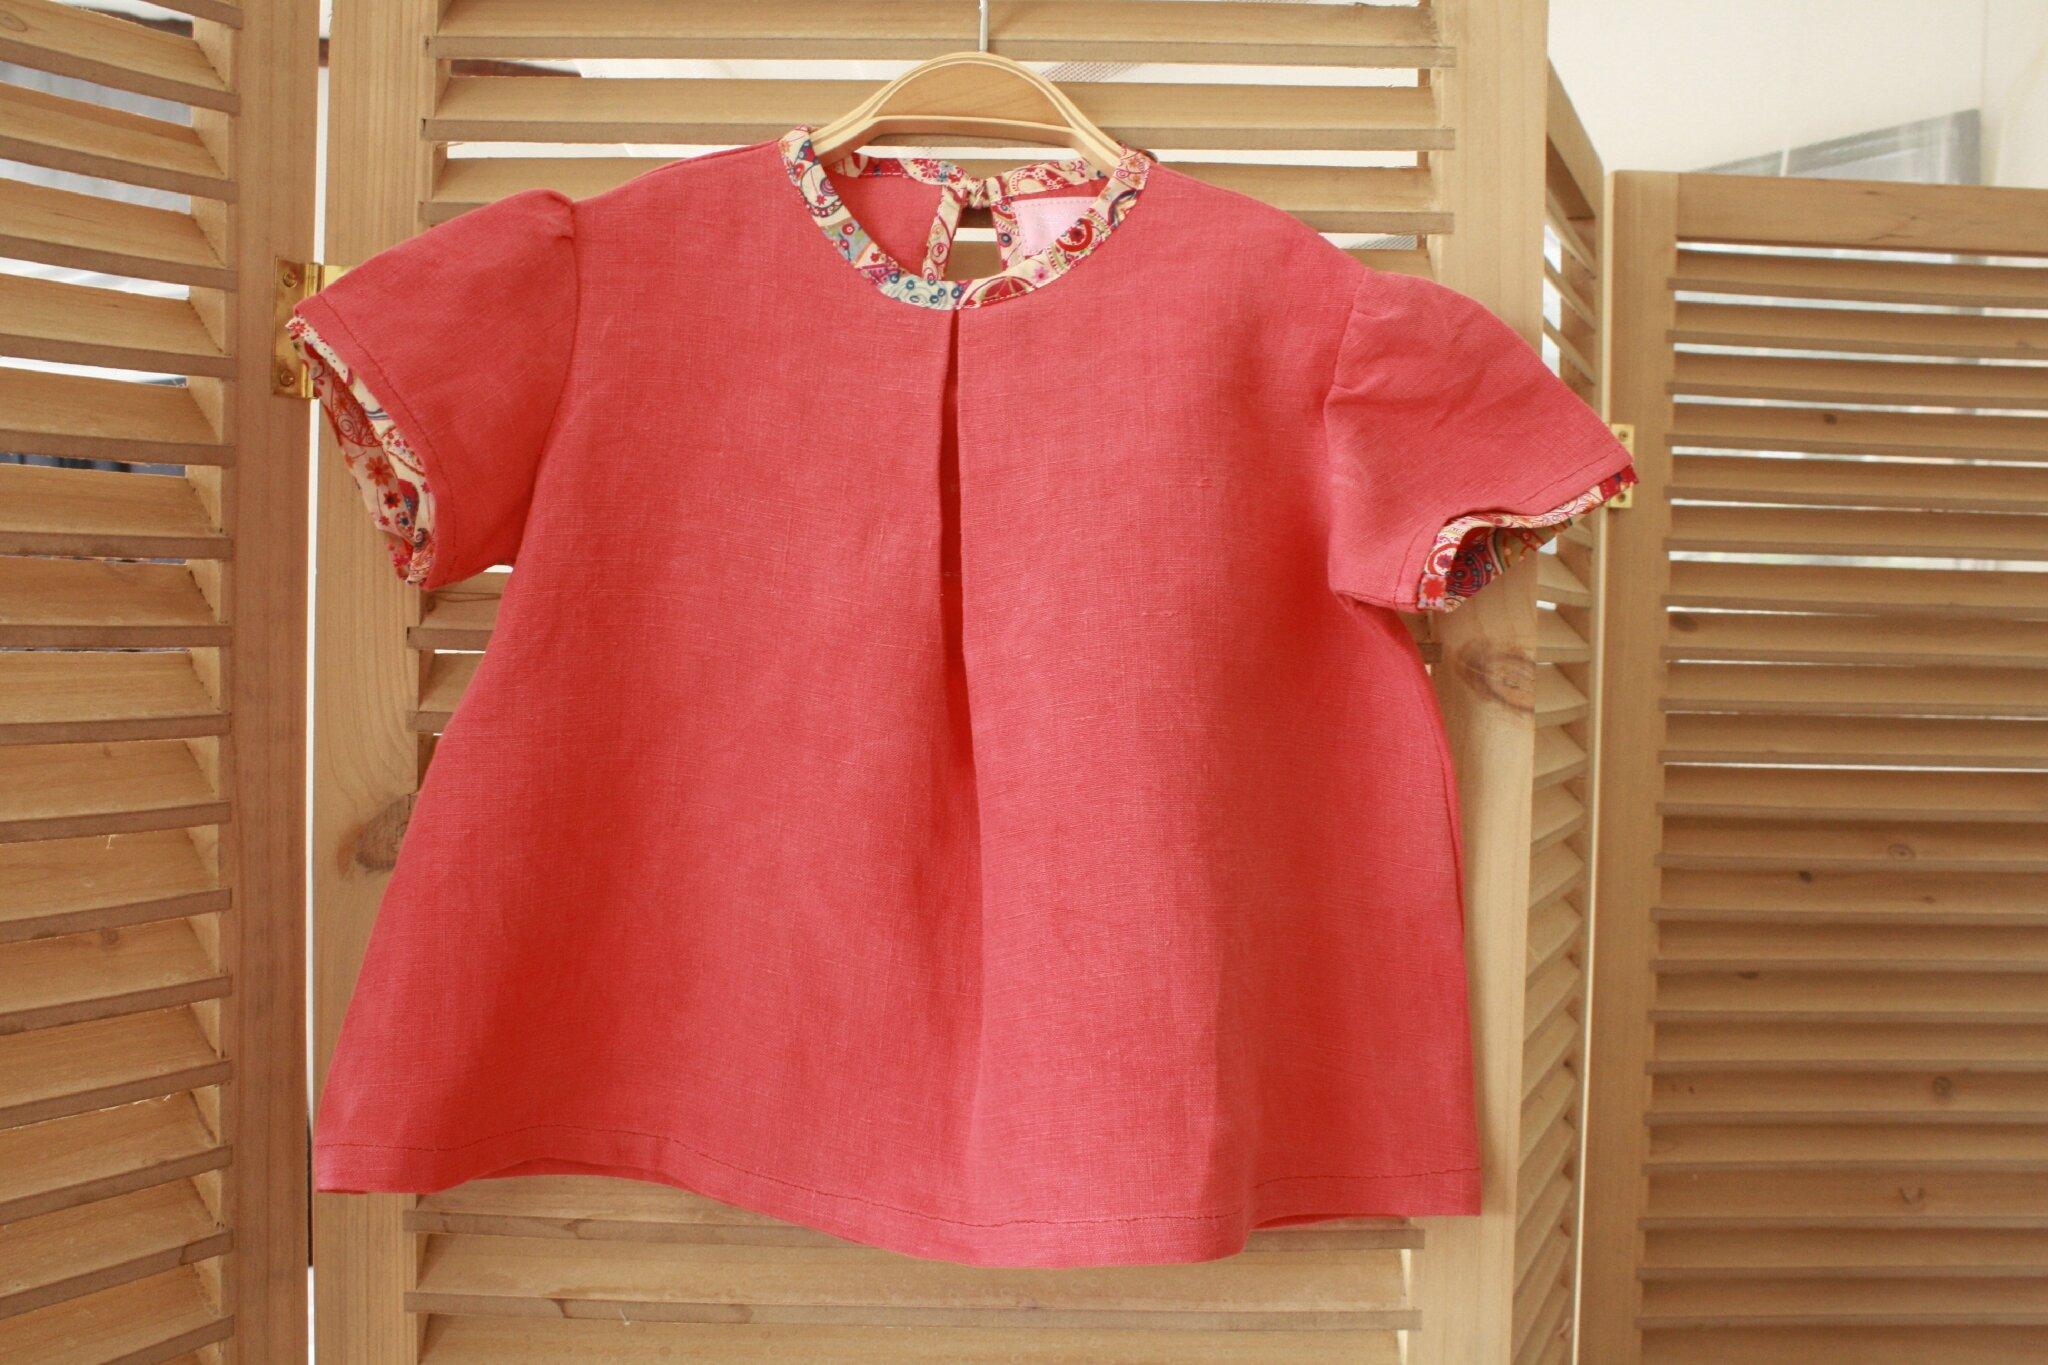 Blouse en drap ancien teinté coquelicot, ouverte dos, soulignée d'un lien en Liberty, 2 ans, 25€ (2)